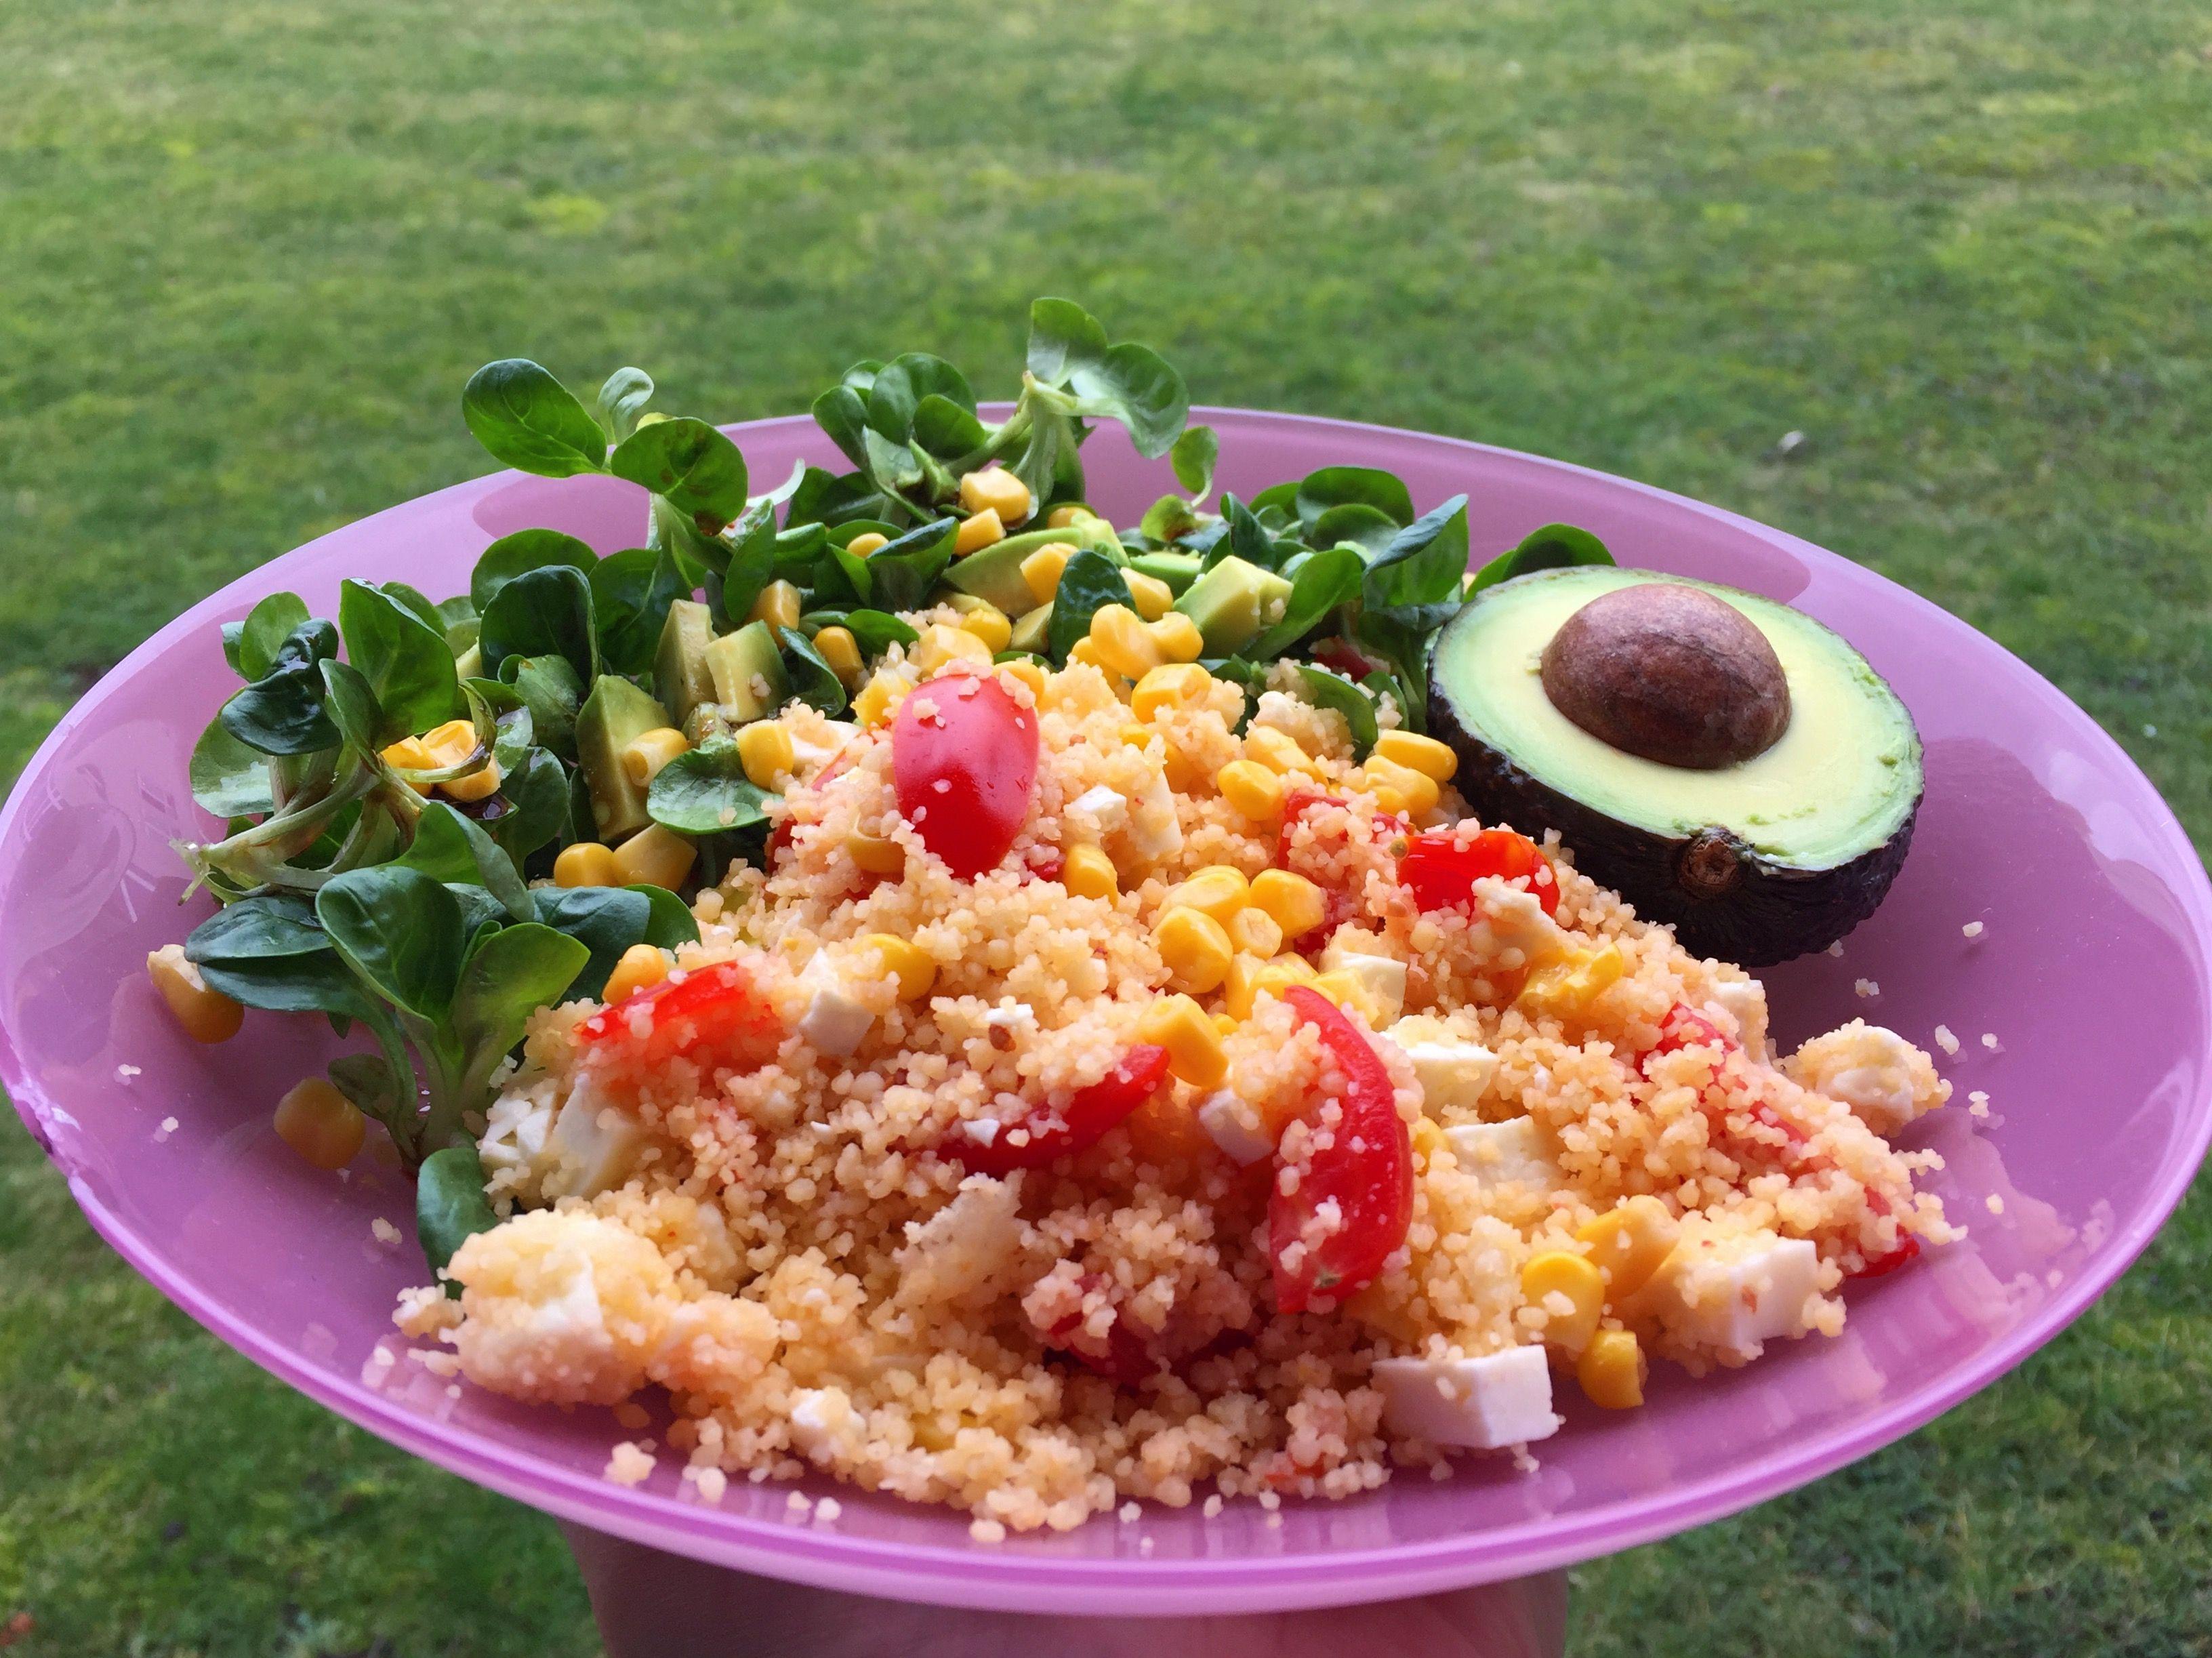 Mittags-Kombi: Couscous-Salat mit Mais, Tomaten, Zwiebeln, Avocado  und Feta, dazu Feldsalat mit selbst gemachtem Dressing (Olivenöl, Balsamico, Senf, Preiselbeeren).